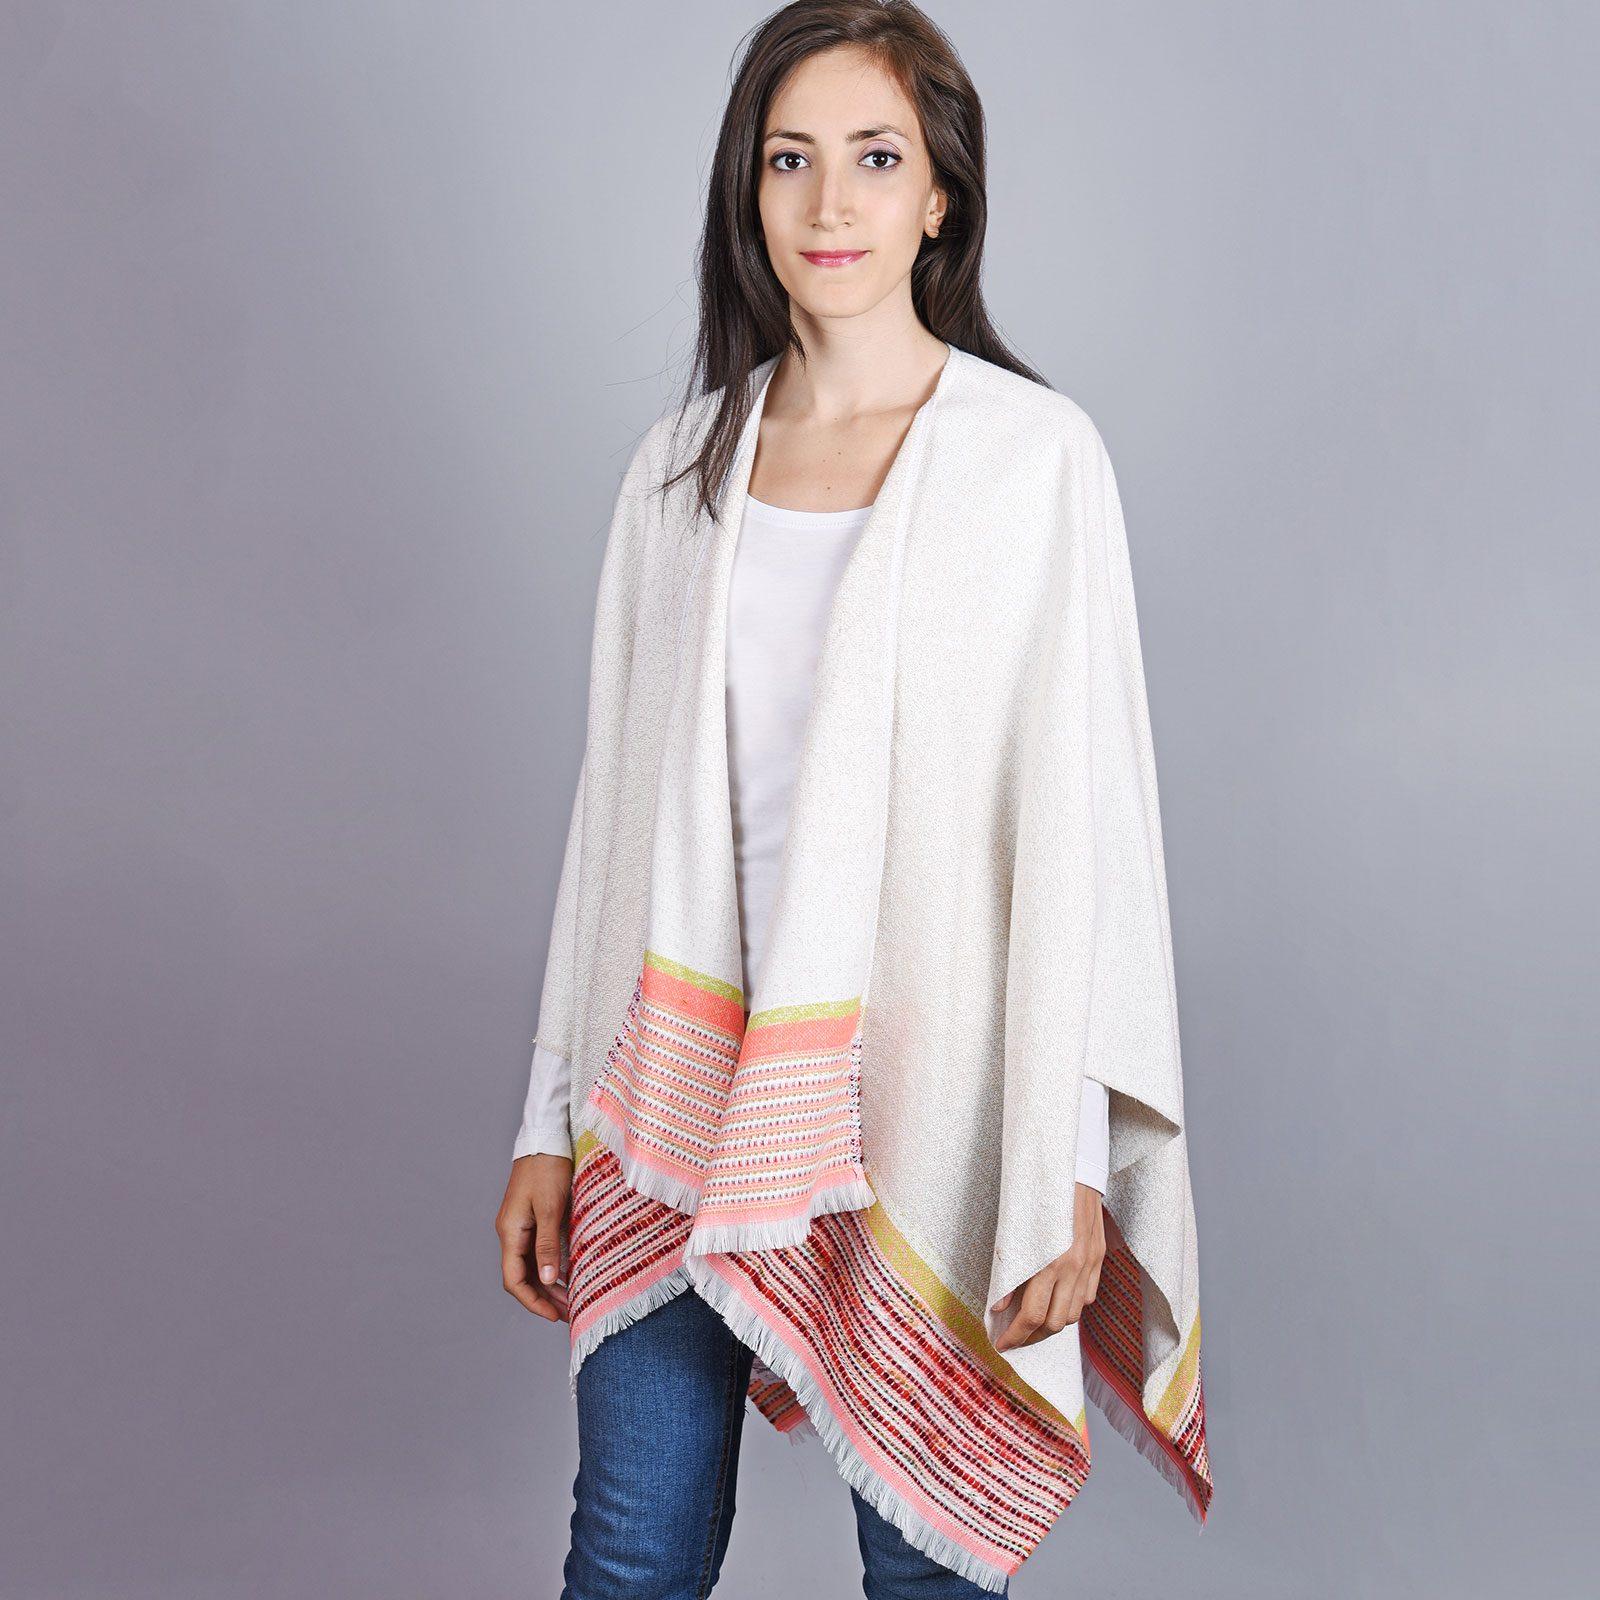 http://lookbook.allee-du-foulard.fr/wp-content/uploads/2019/01/AT-04510-VF16-1-poncho-femme-creme-1600x1600.jpg